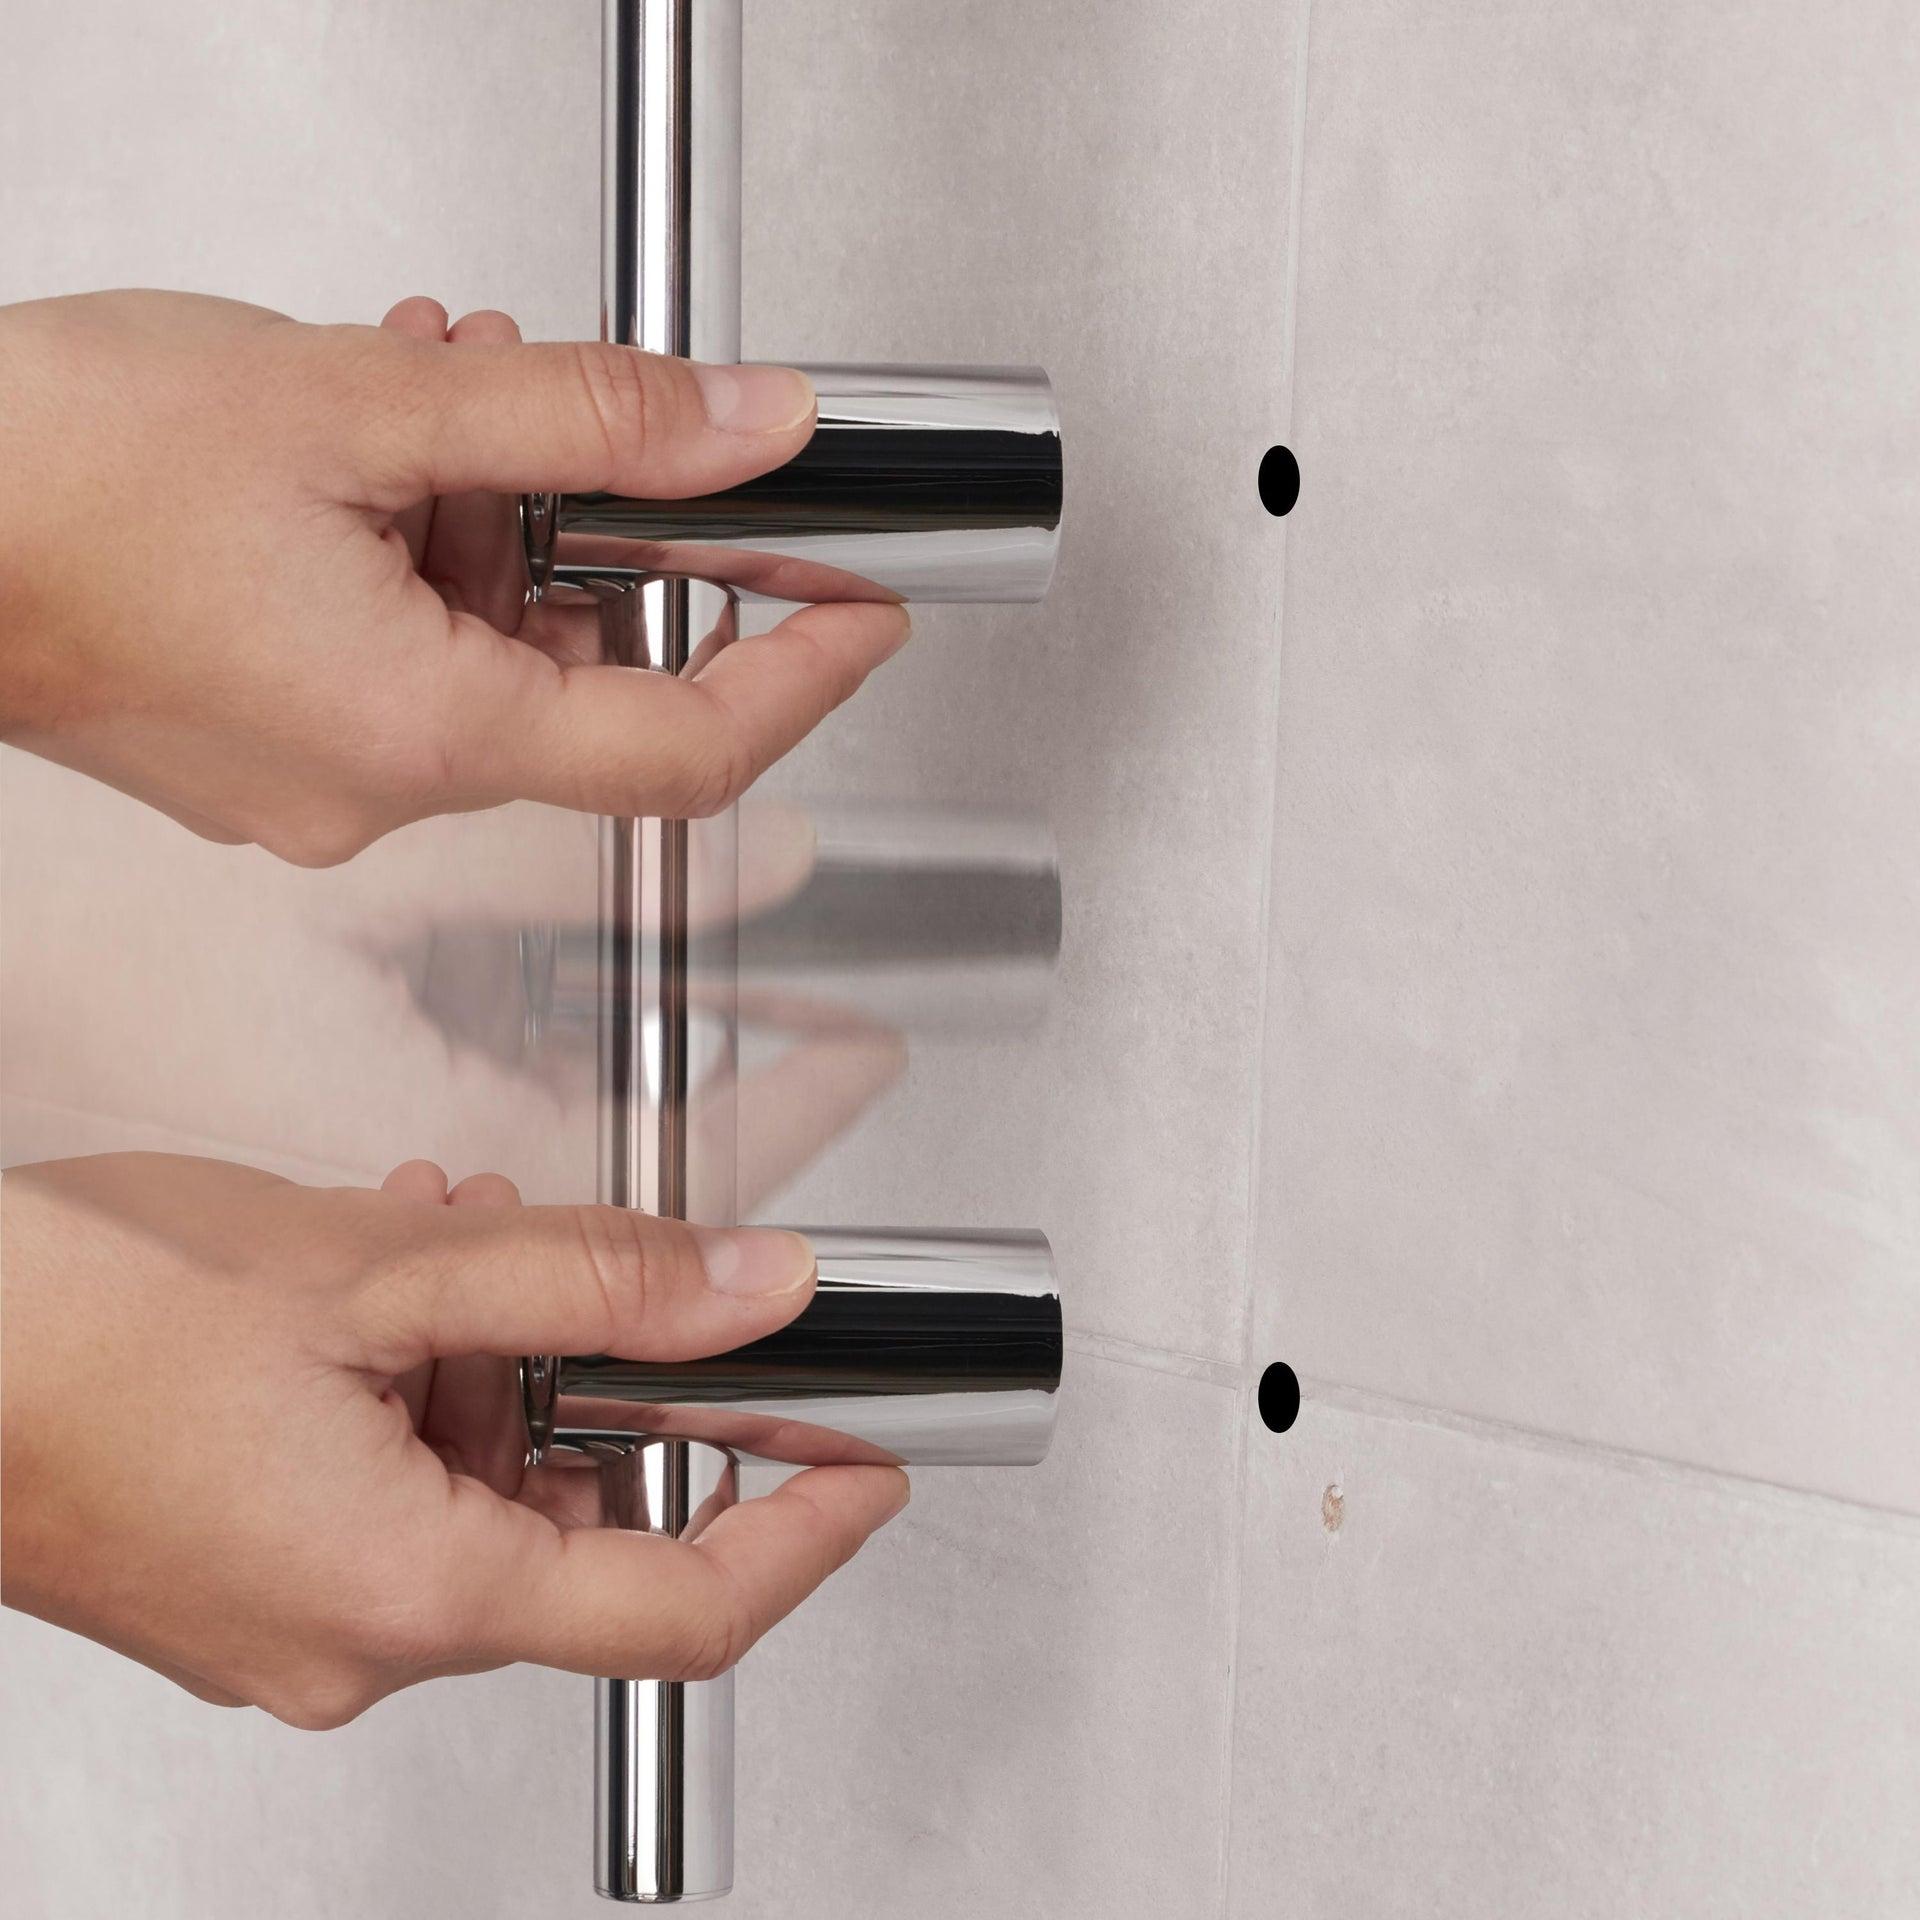 Saliscendi per doccia SENSEA 4 getti - 5